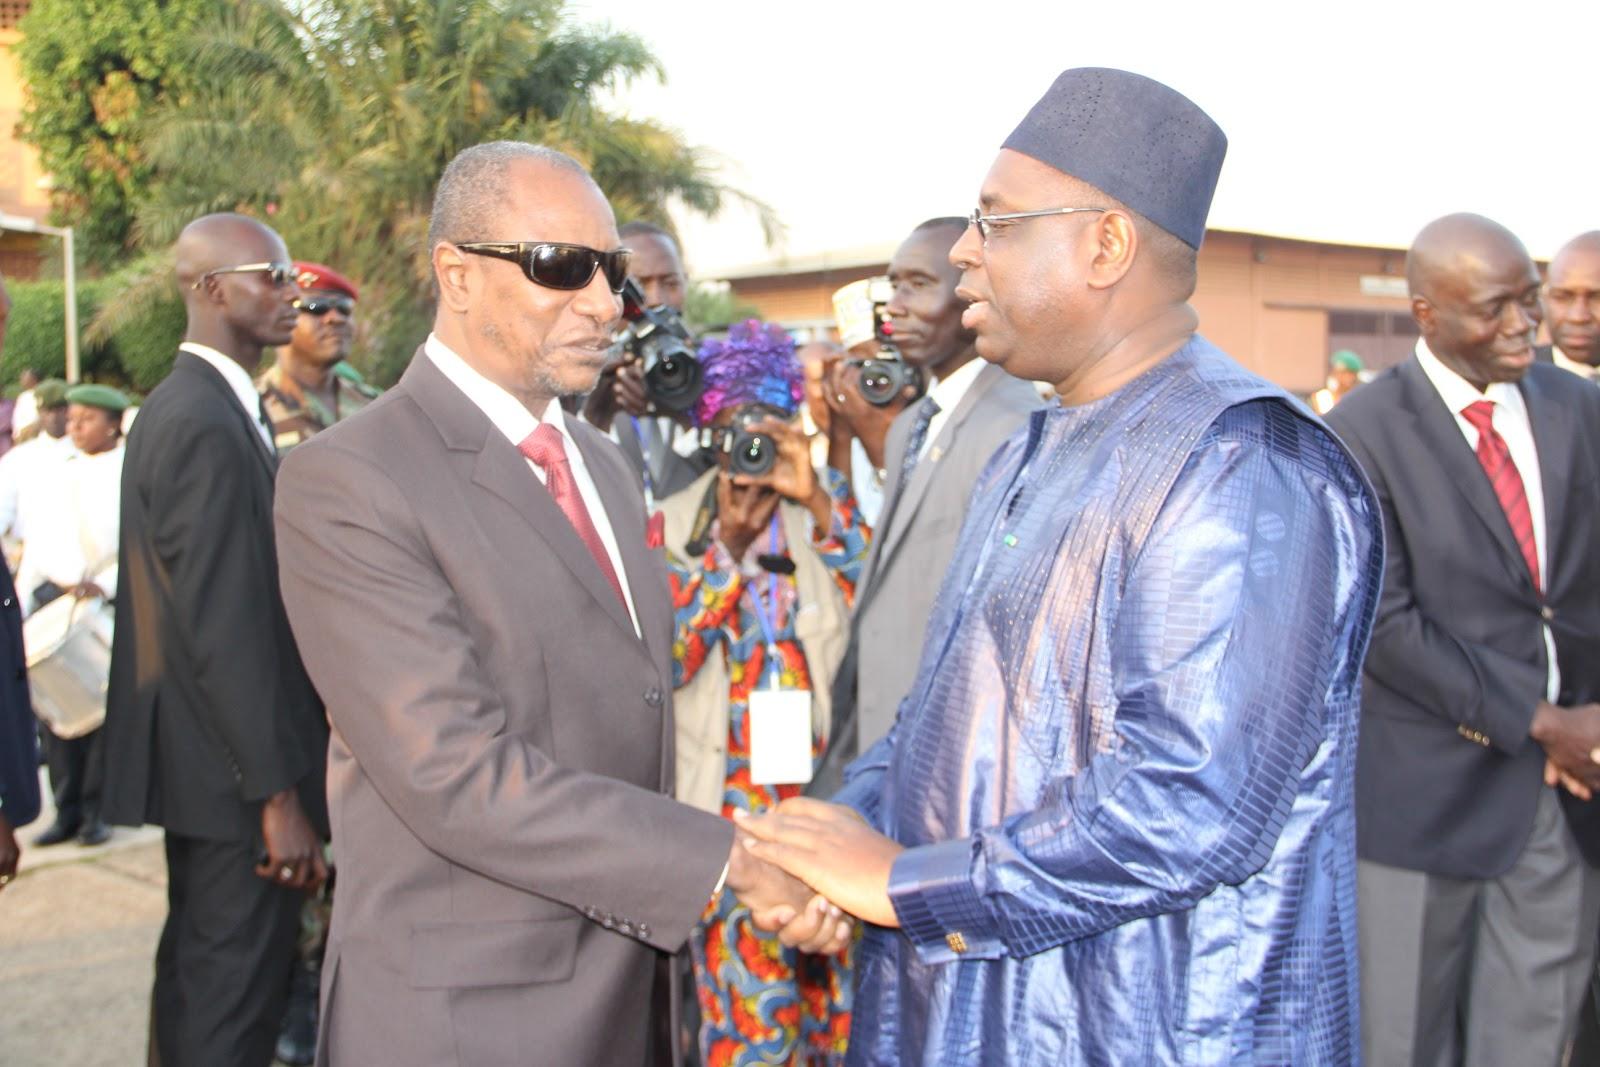 EXCLUSIF-Incident diplomatique: Mankeur Ndiaye tire sur Alpha Condé qui réplique à l'arme lourde